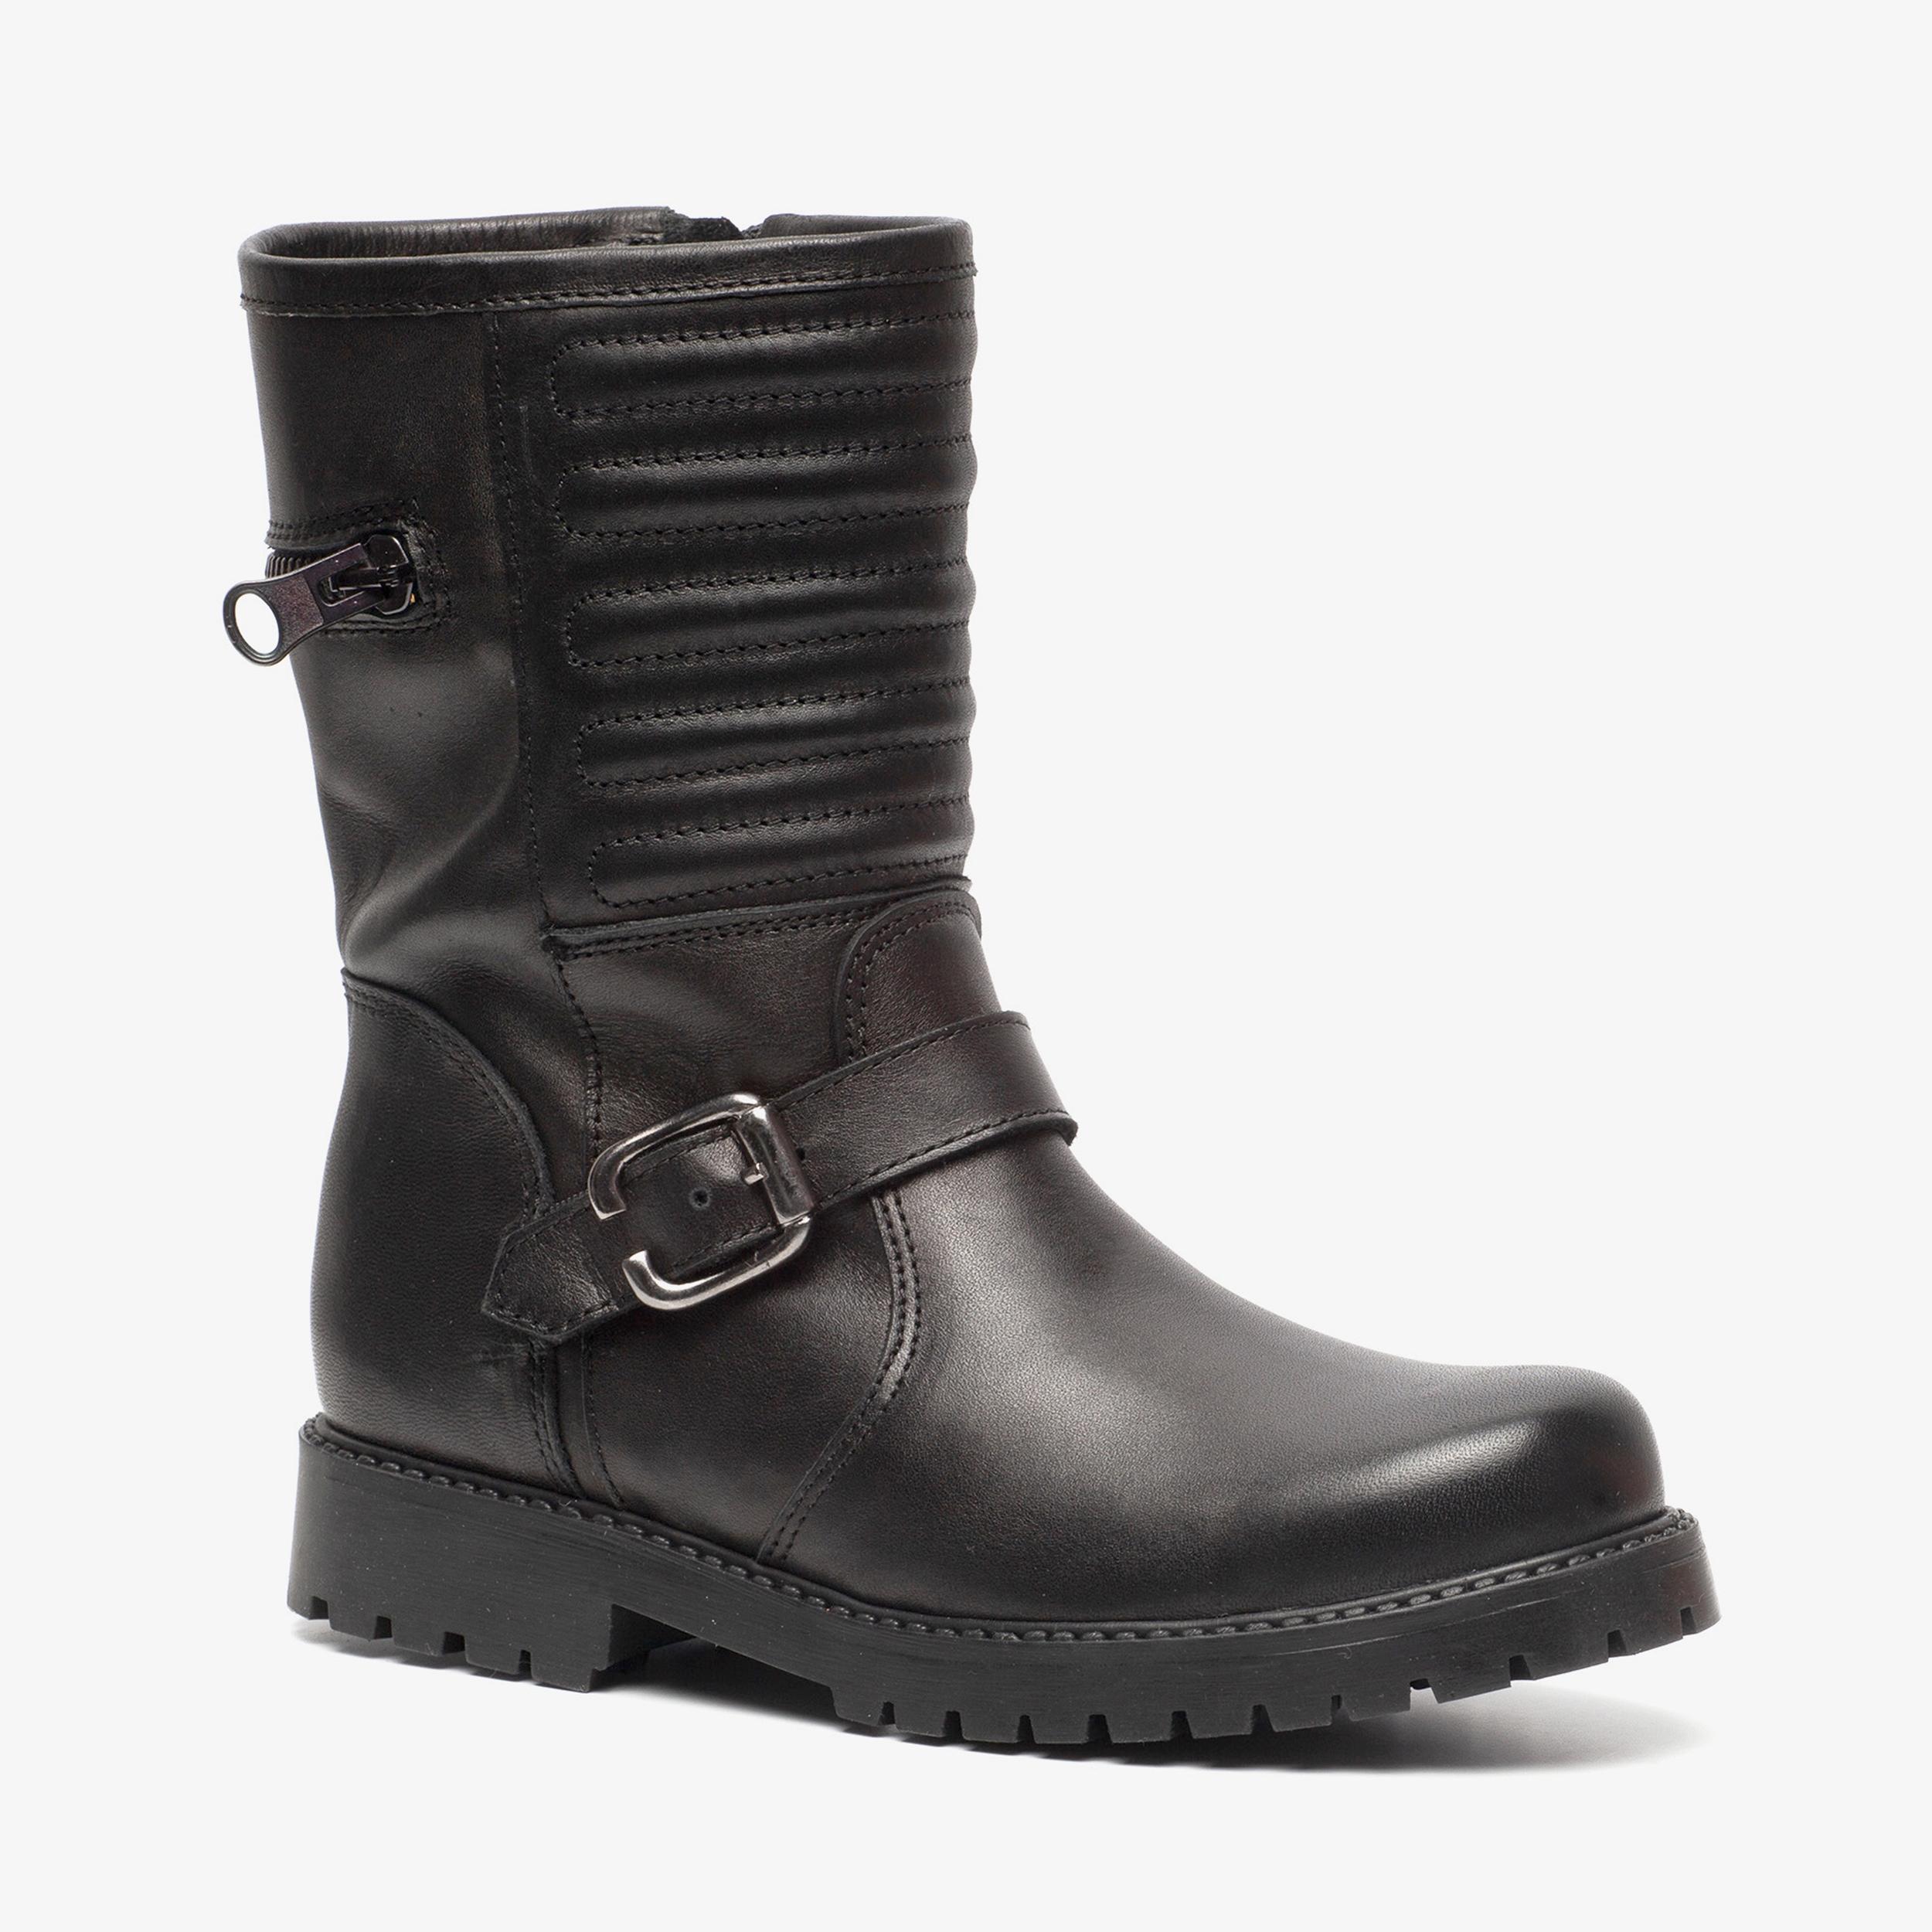 Groot meisjes laarzen | Scapino.nl | Meisjes laarzen